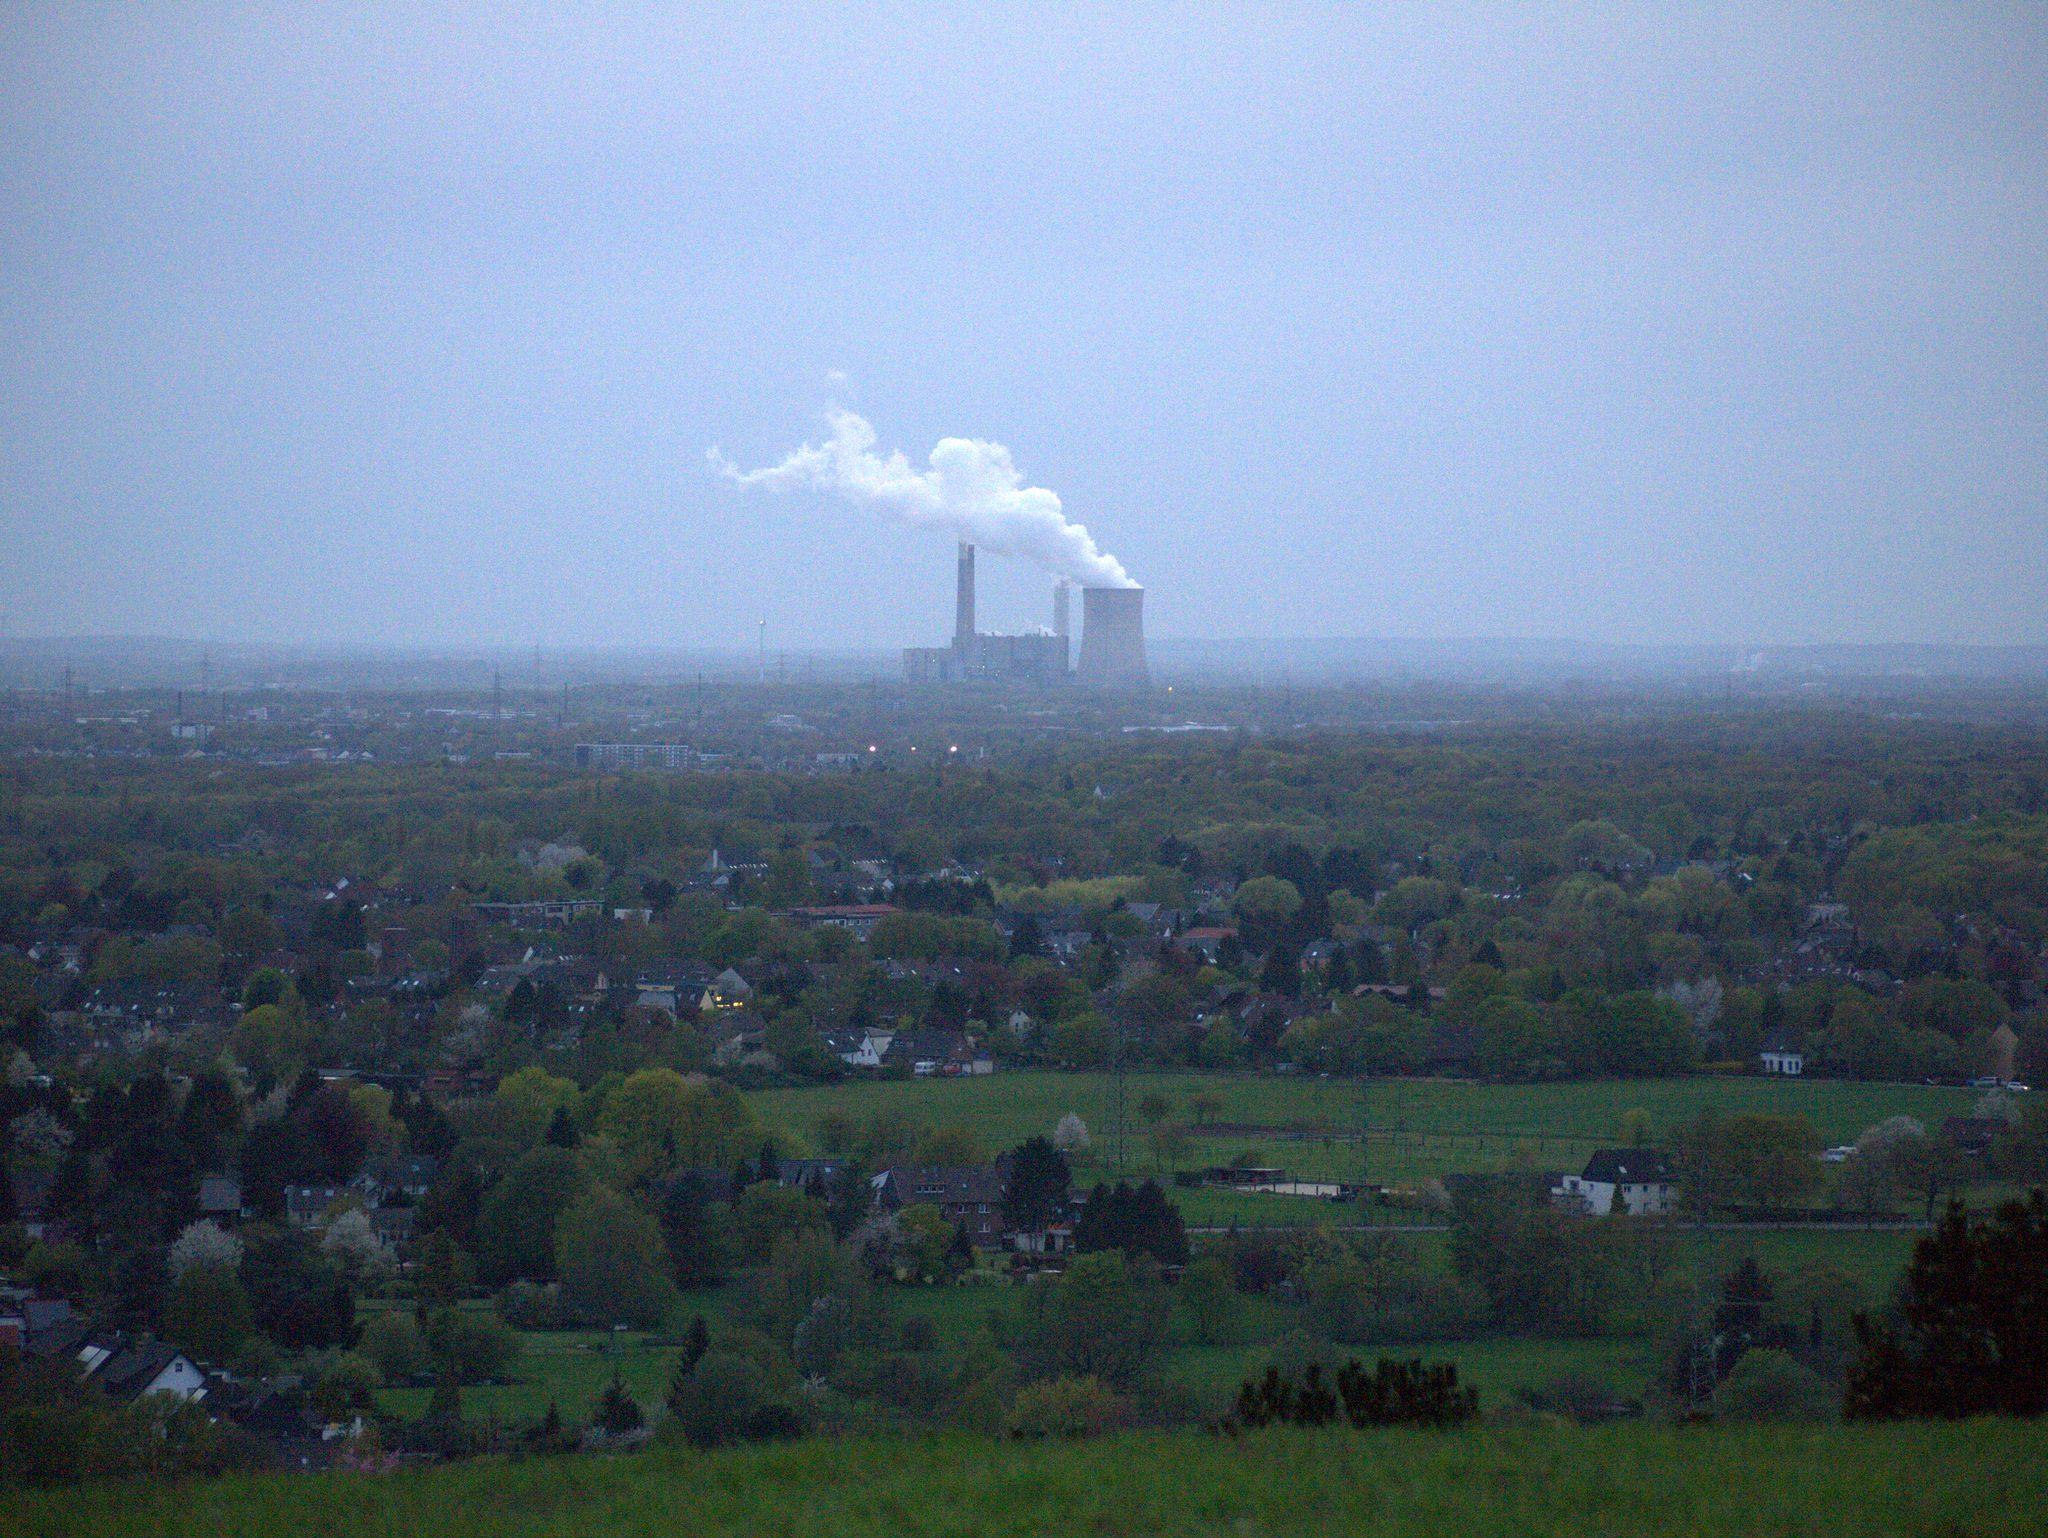 Wahnsinnig grün hier. Und klar: Industrie.